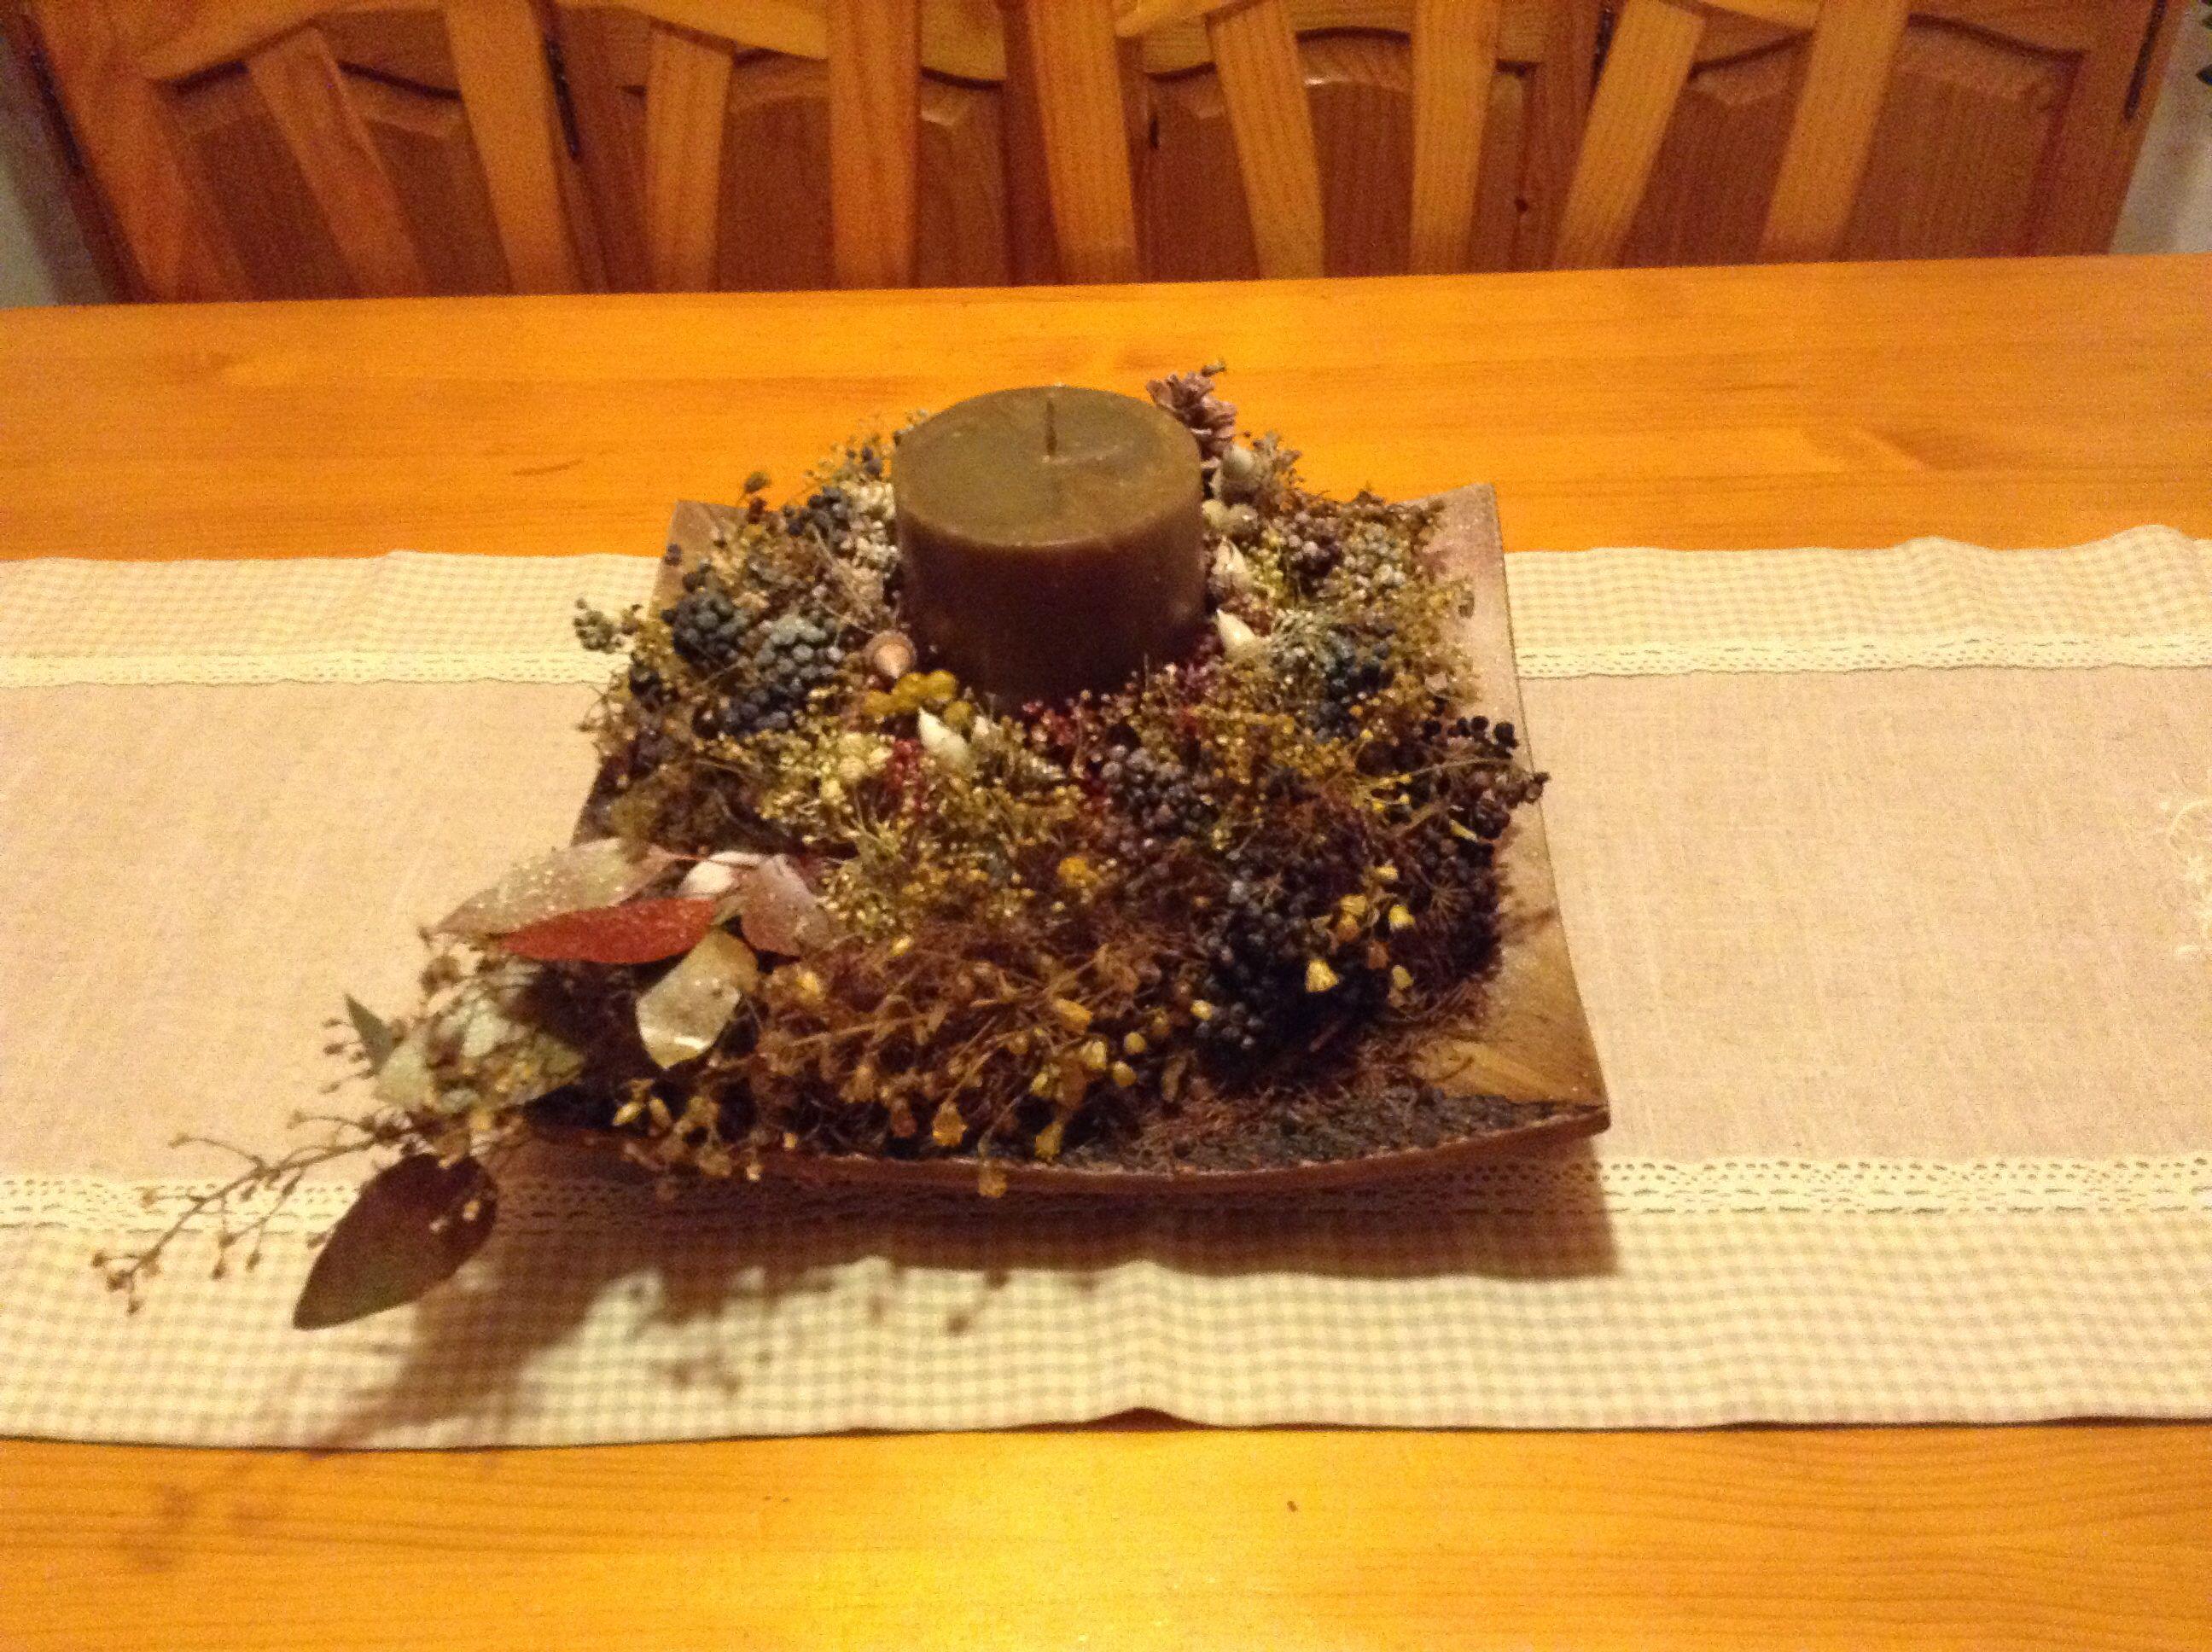 centro mesa flores secas y vela